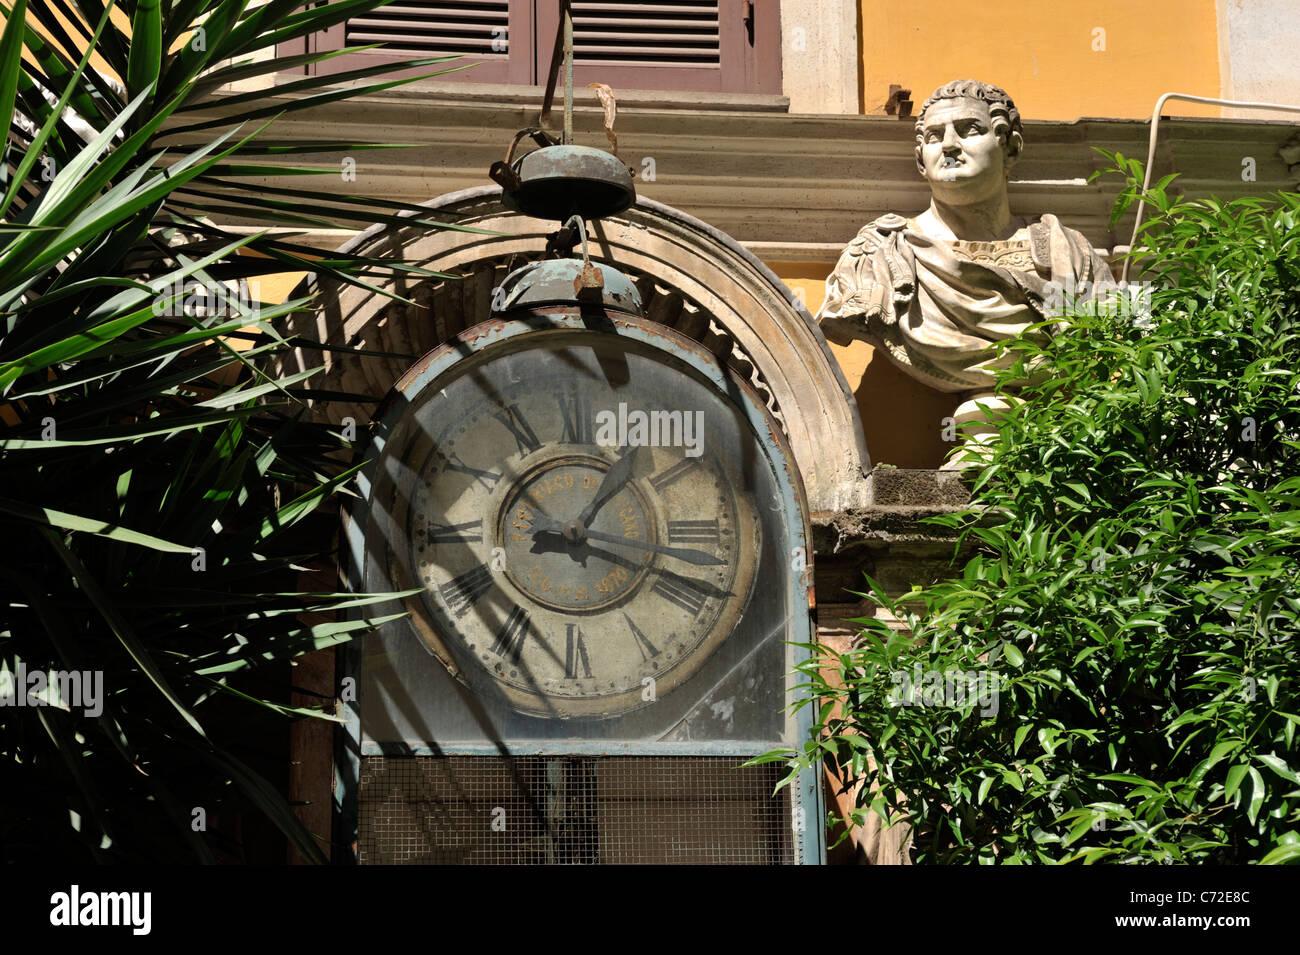 Italia roma palazzo berardi cortile antico orologio ad acqua